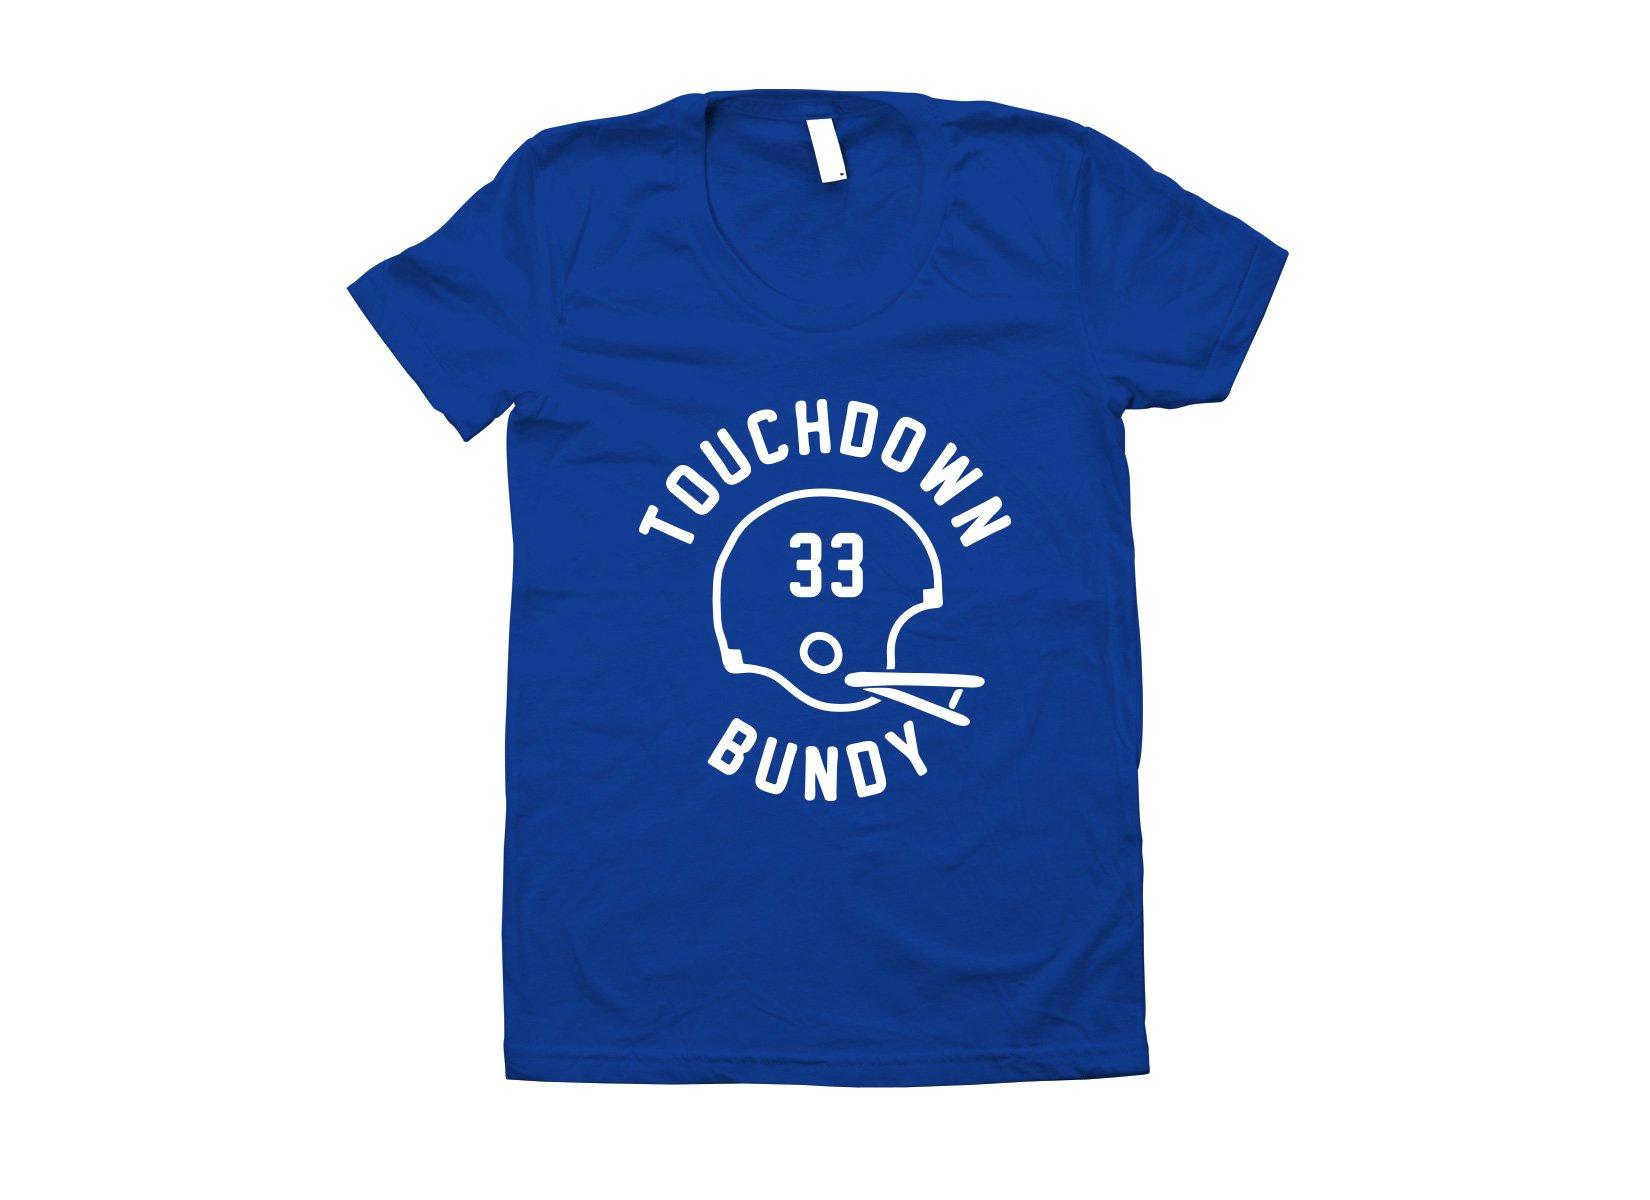 Touchdown Bundy on Juniors T-Shirt